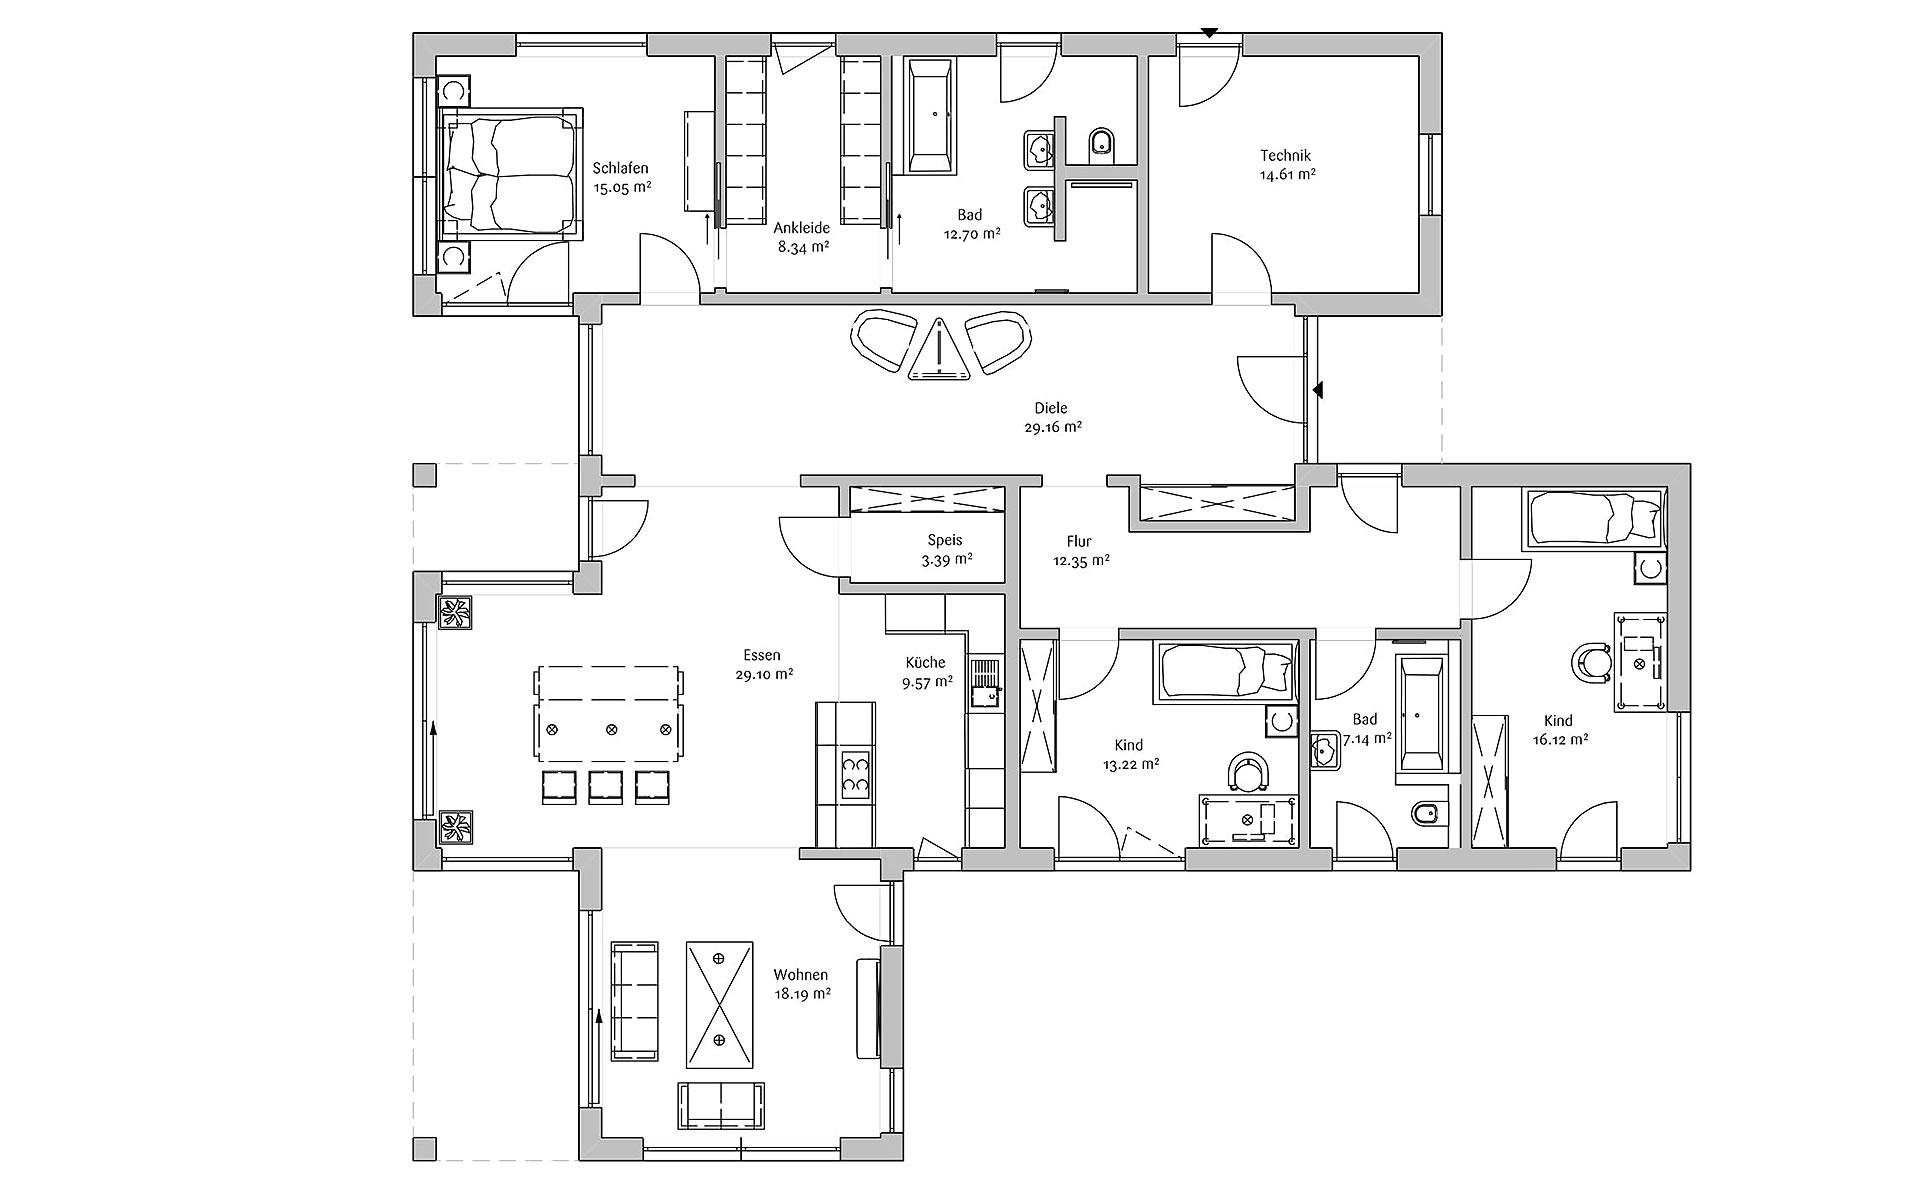 Erdgeschoss Bungalow 200 von FischerHaus GmbH & Co. KG